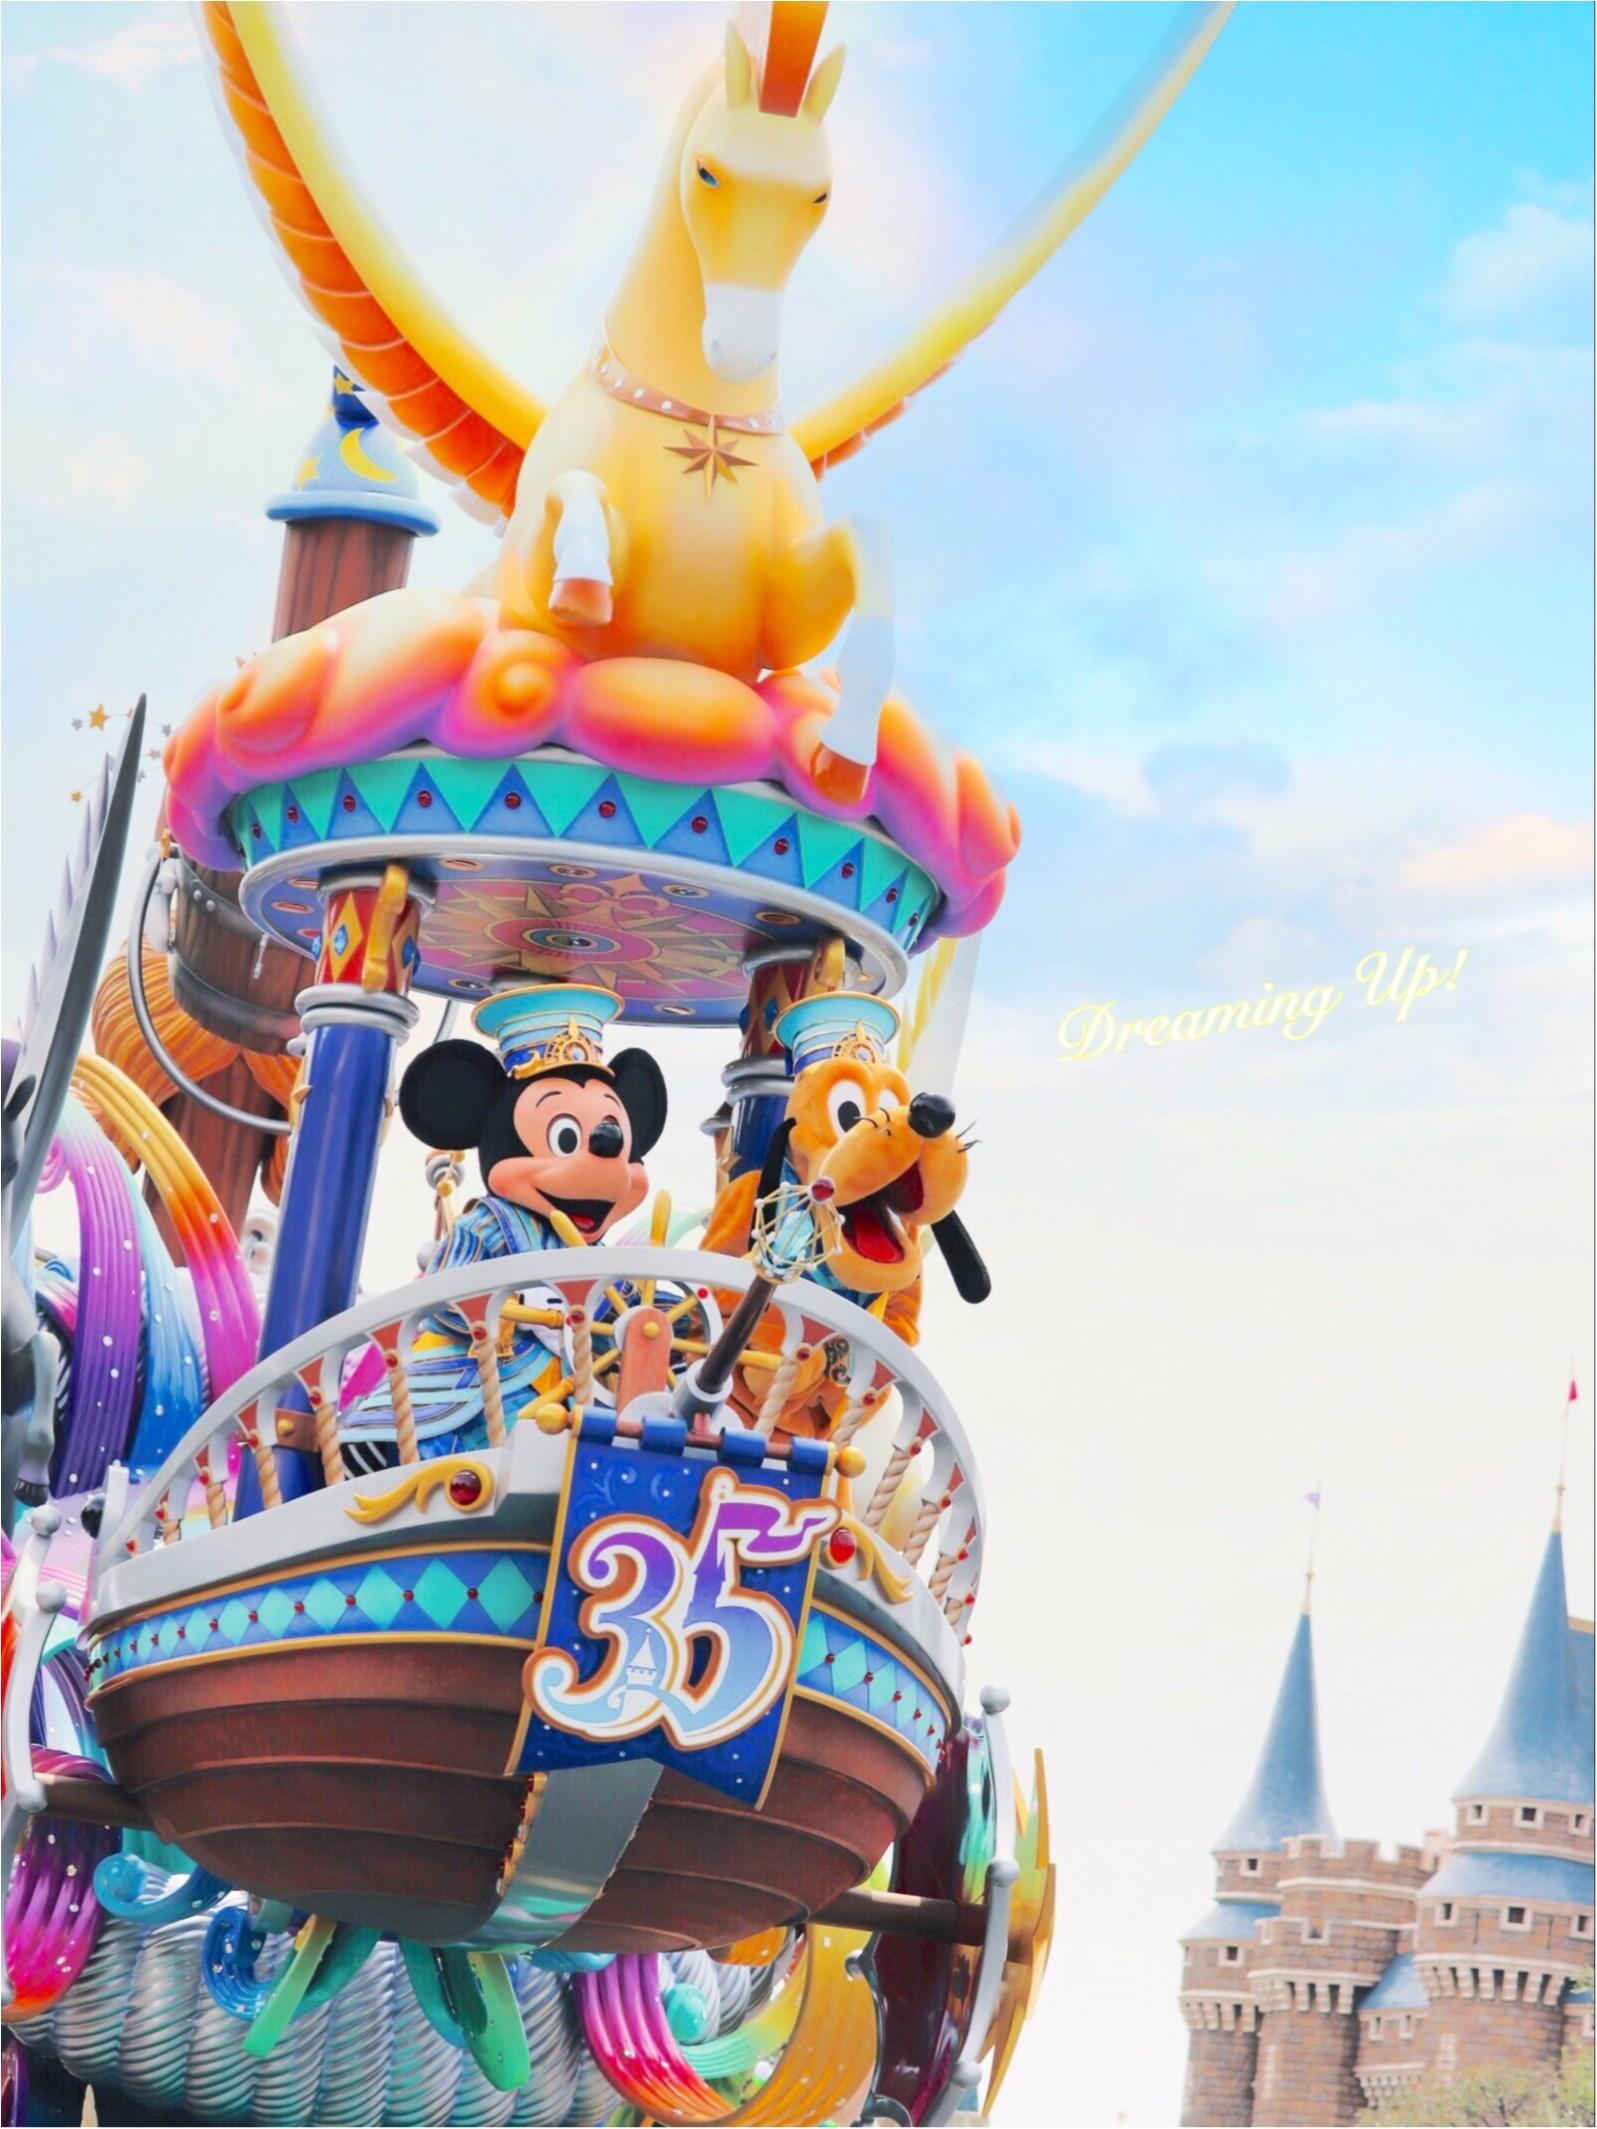 ▷【東京ディズニーランド35周年】newパレード「ドリーミング・アップ